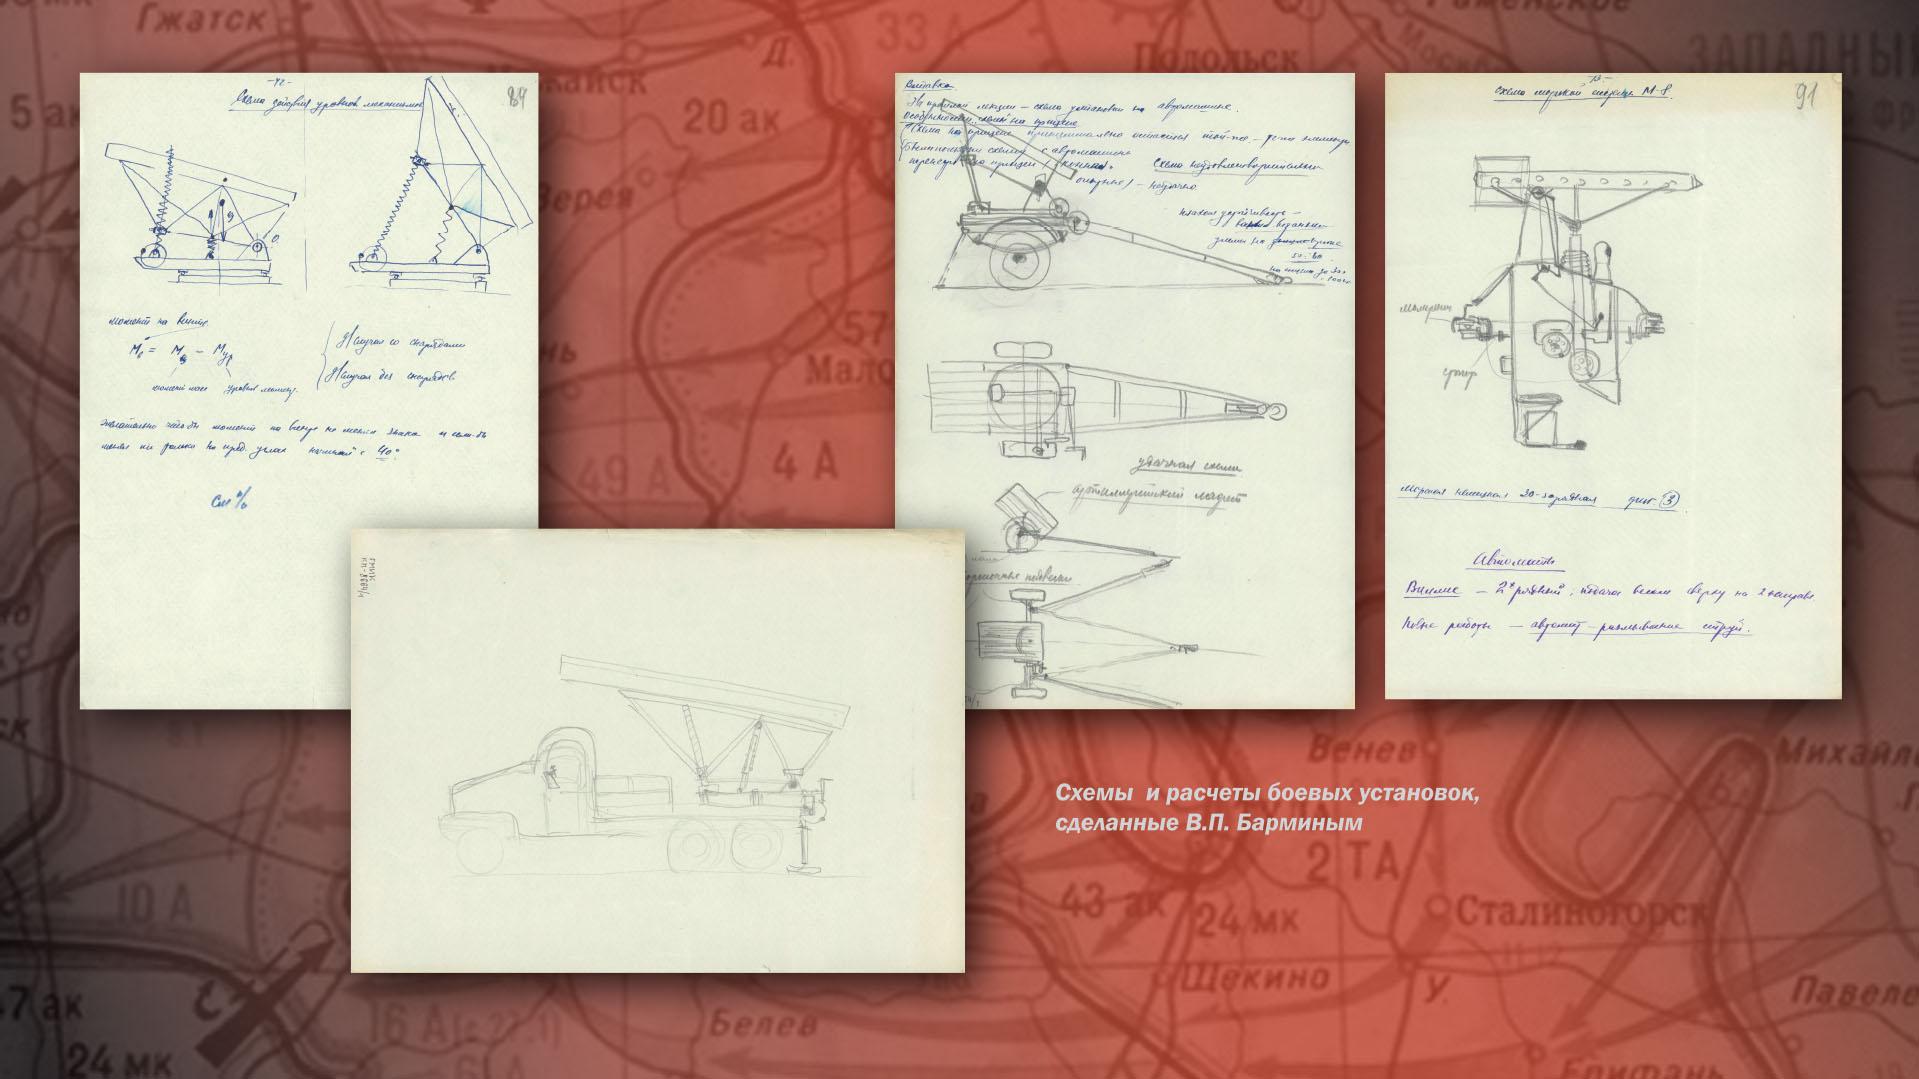 Схемы и расчеты, сделанные В.П. Барминым